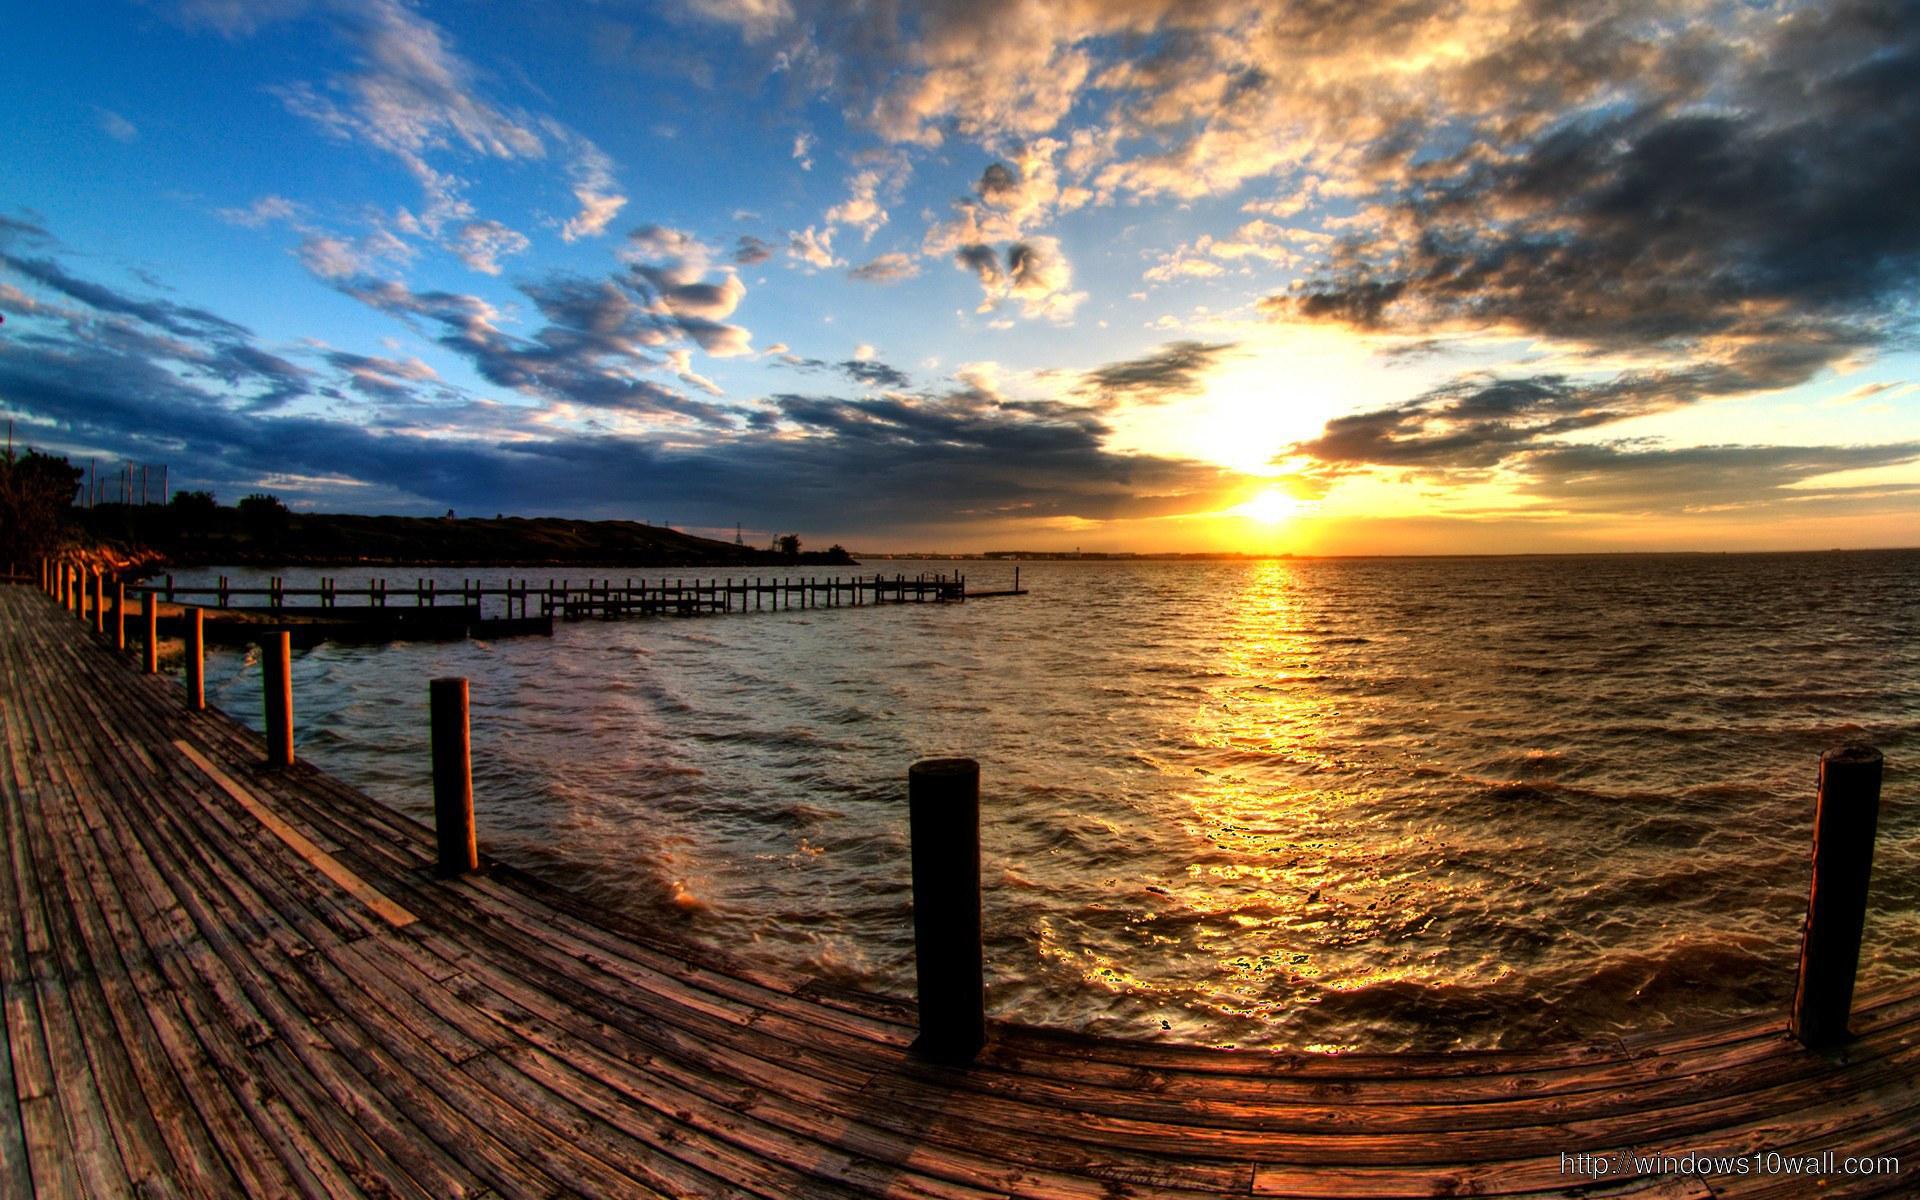 50 Stunning Sunsets of 2012